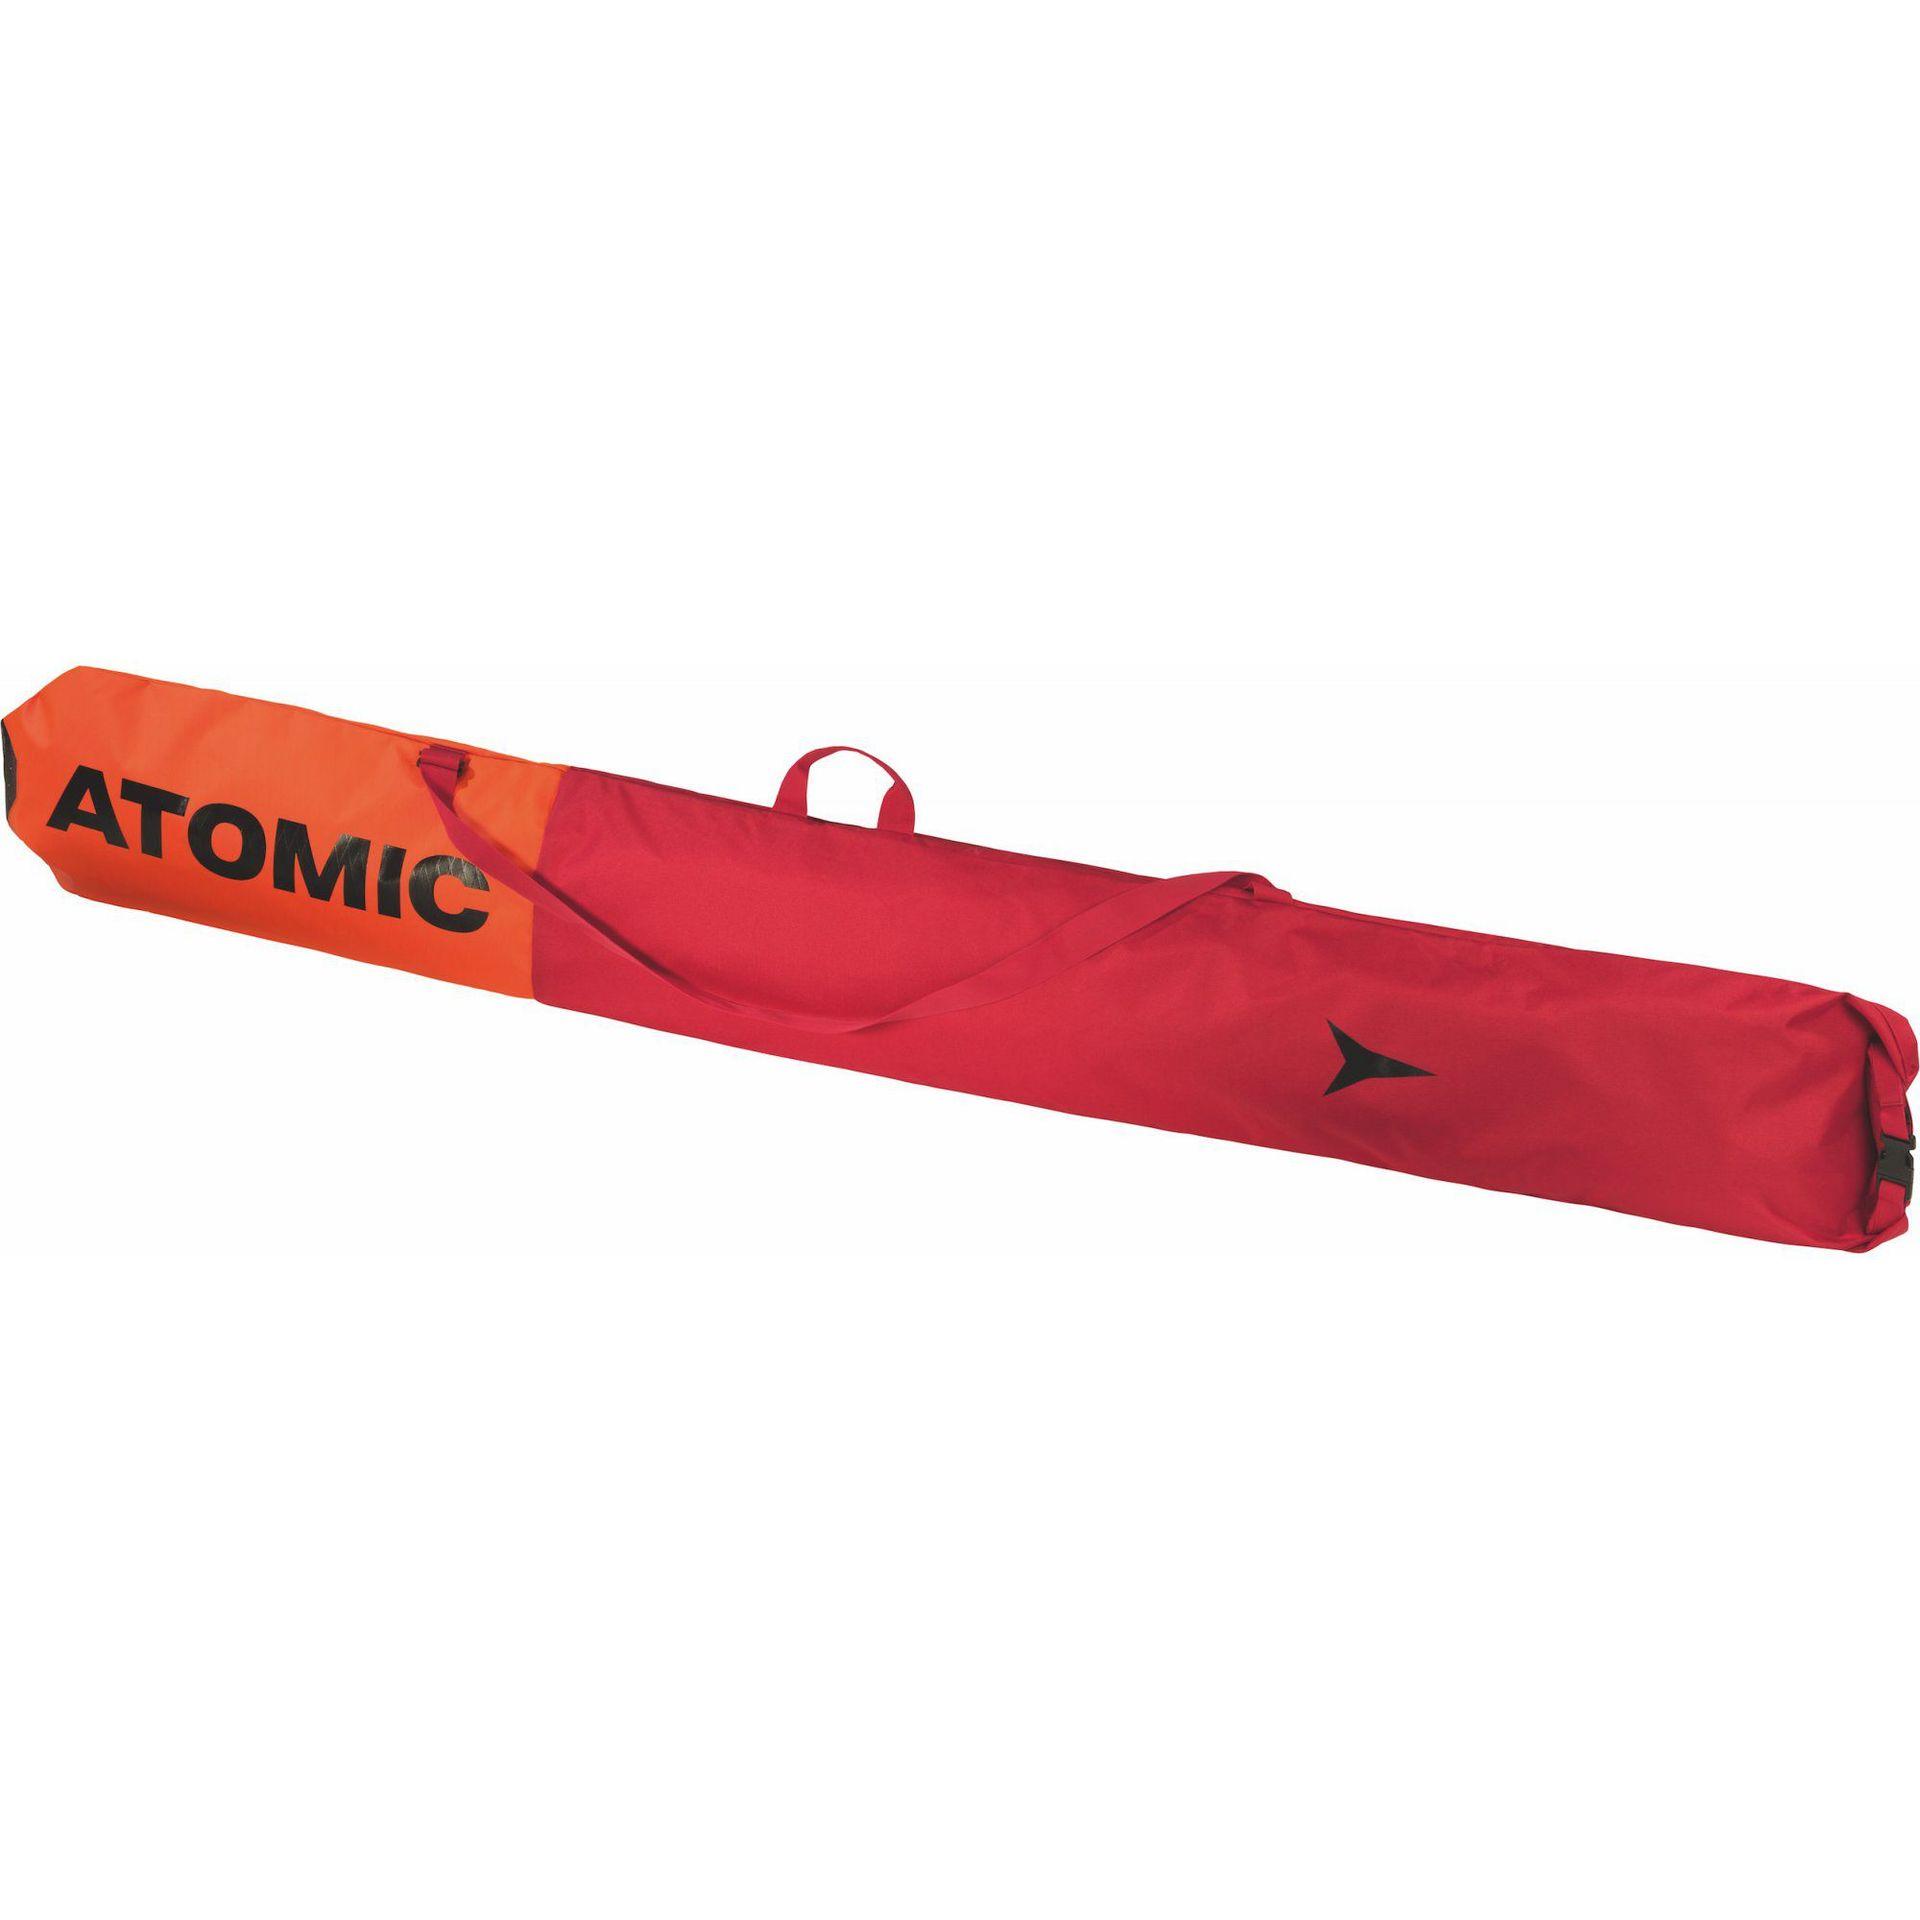 POKROWIEC NA NARTY ATOMIC SKI SLEEVE AL5038410